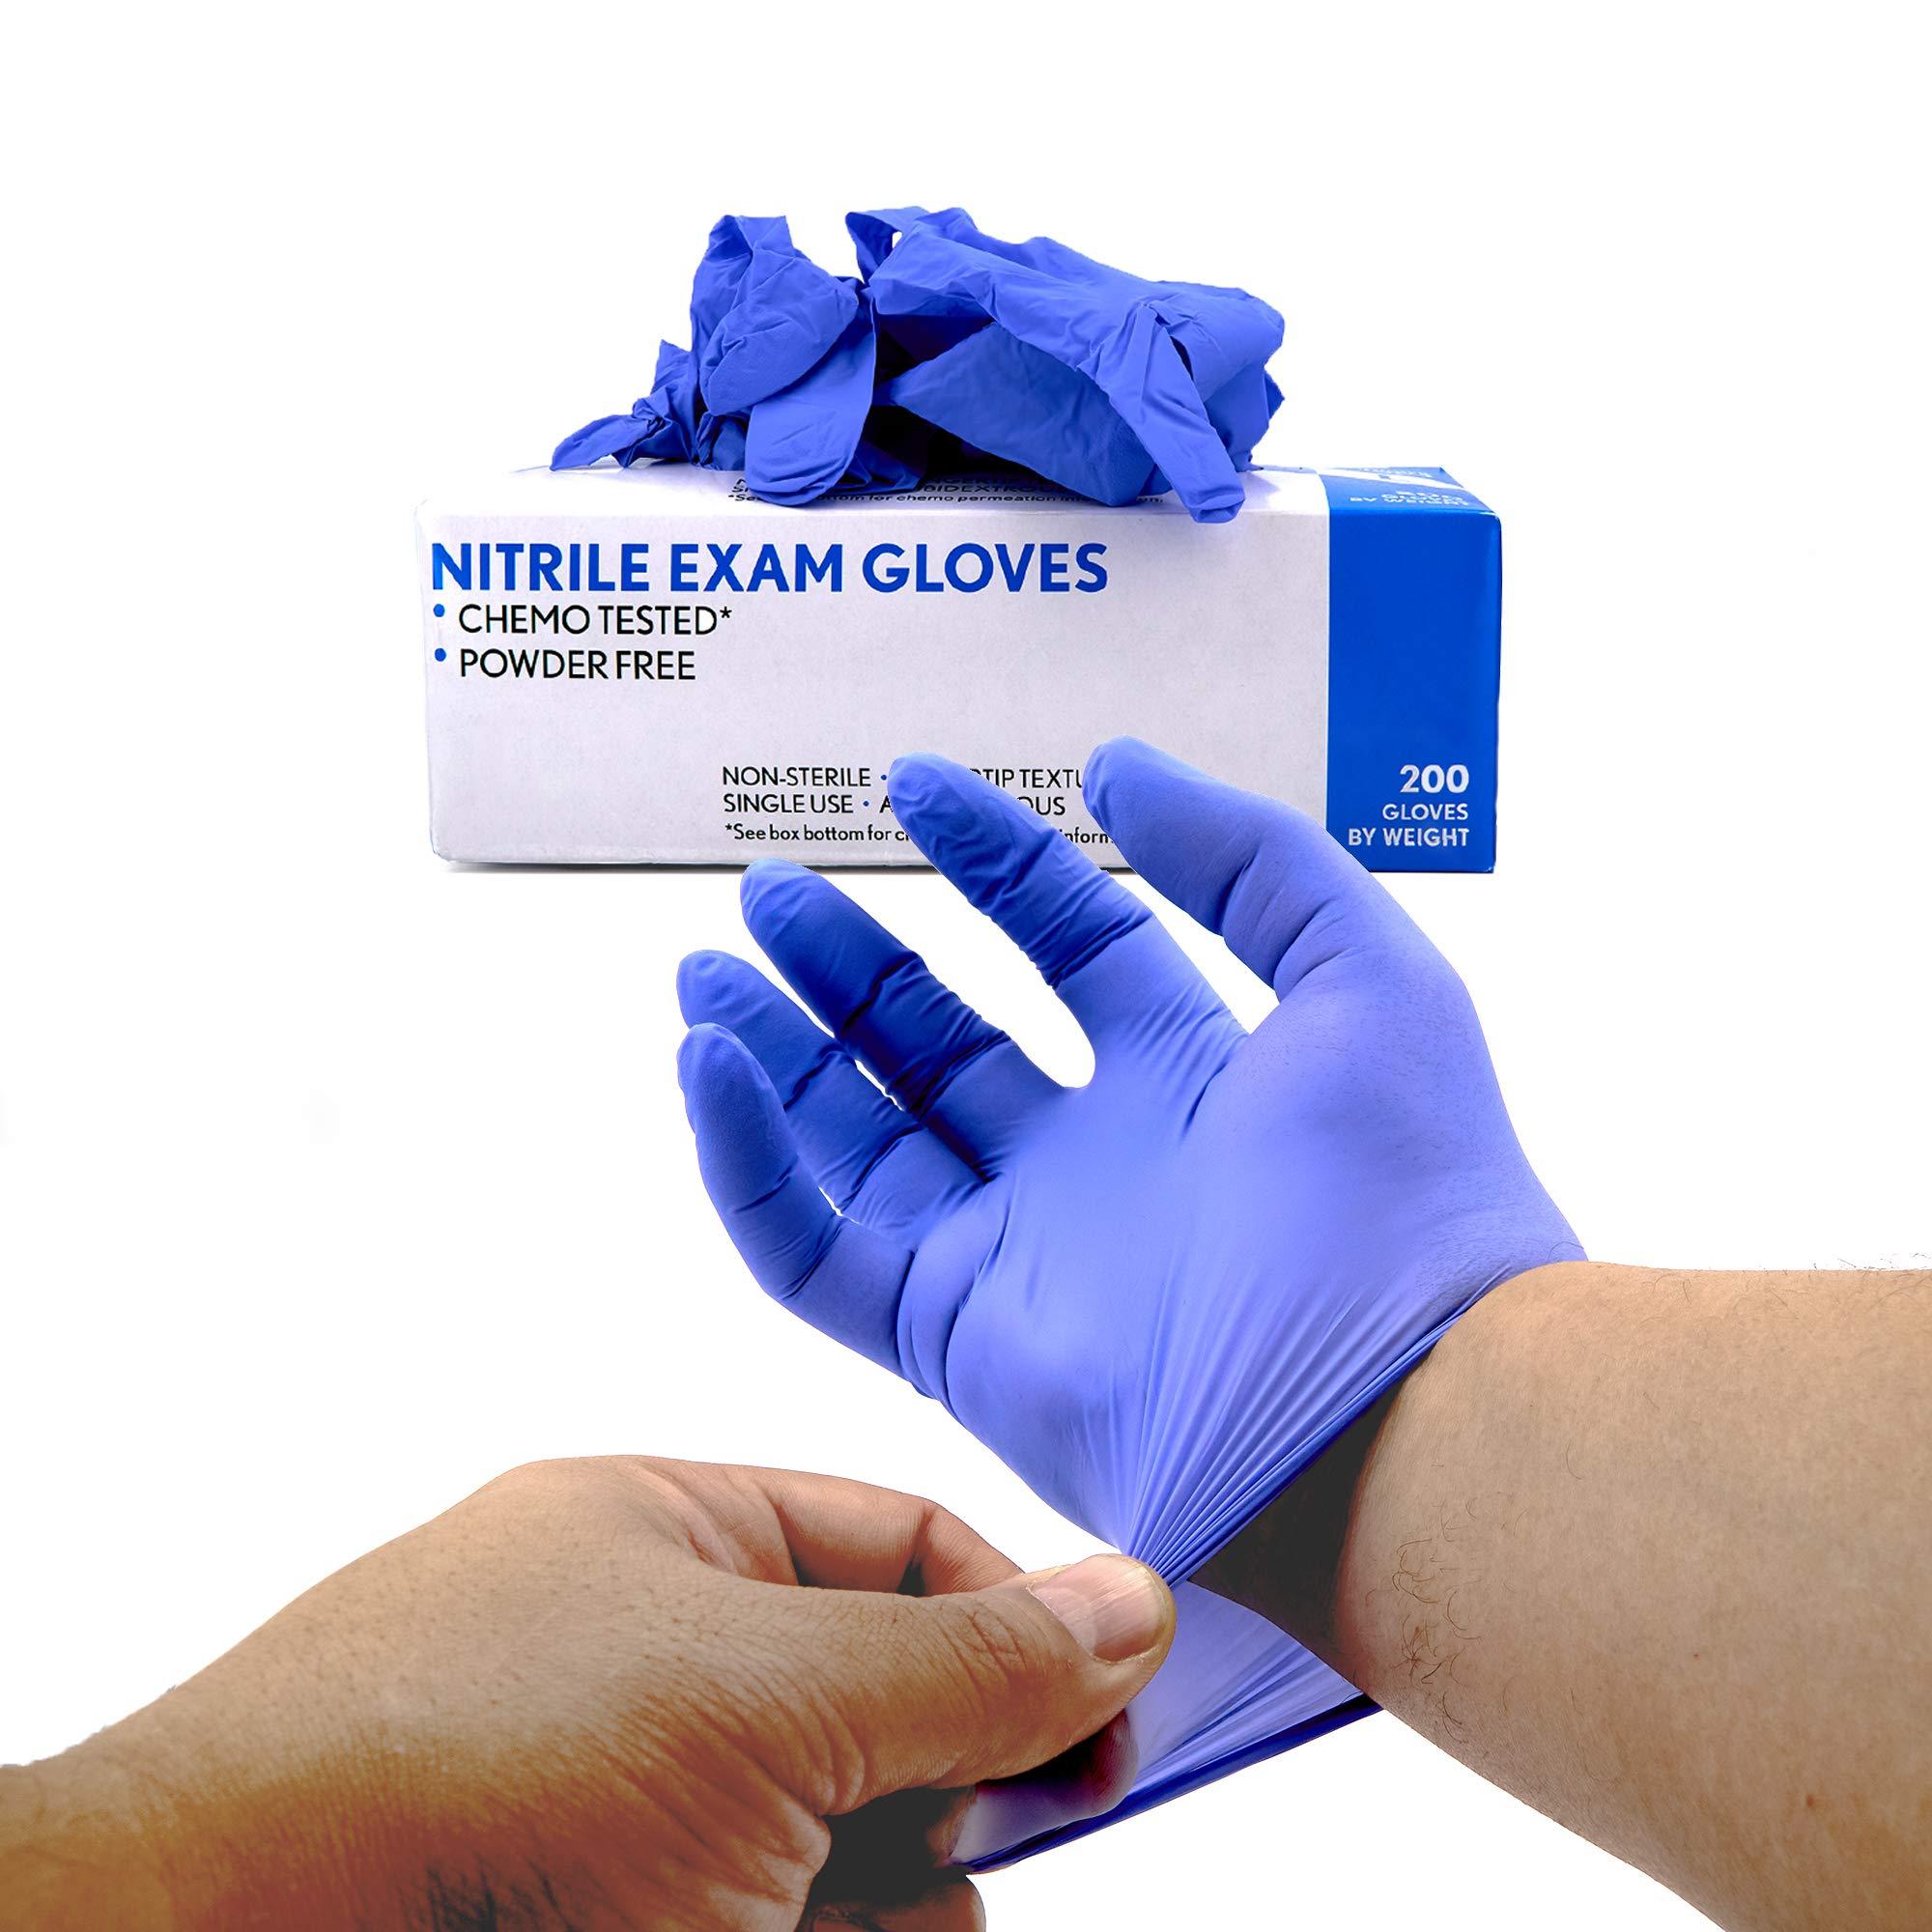 SRENTA Nitrile Exam Grade Gloves, Chemo